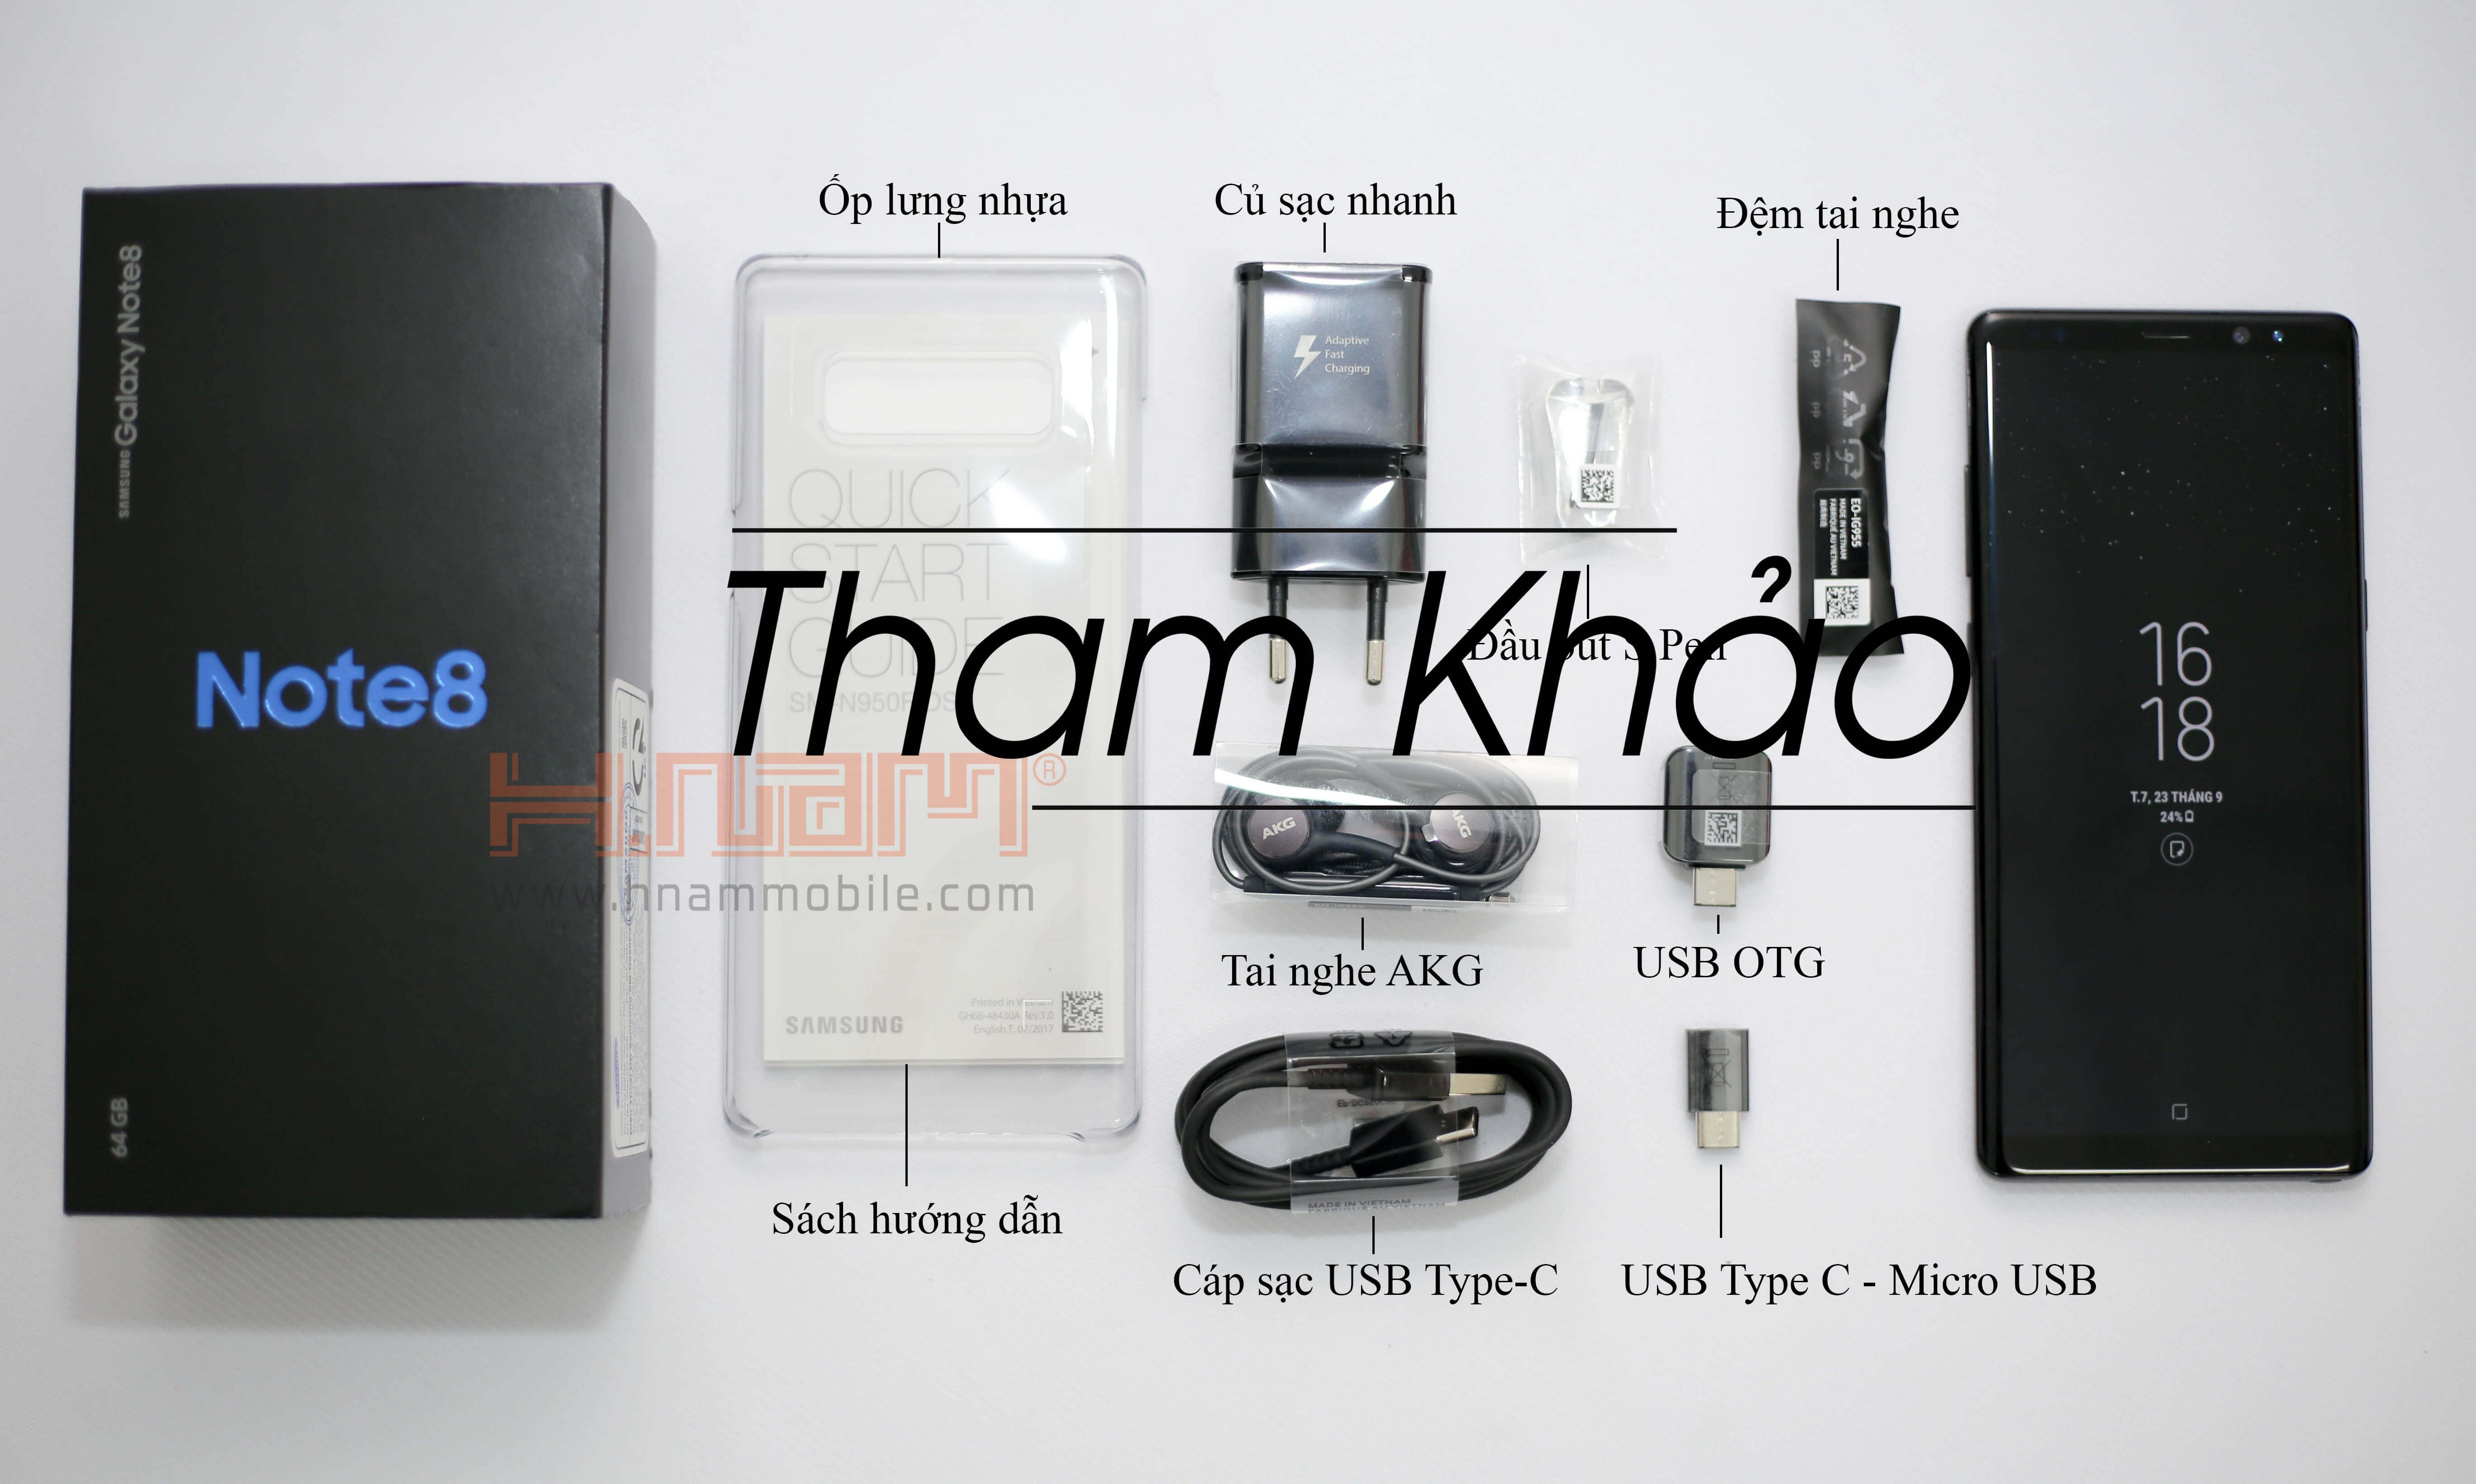 Samsung Galaxy Note 8 ( 89 Trần Quang Khải ) hình sản phẩm 0